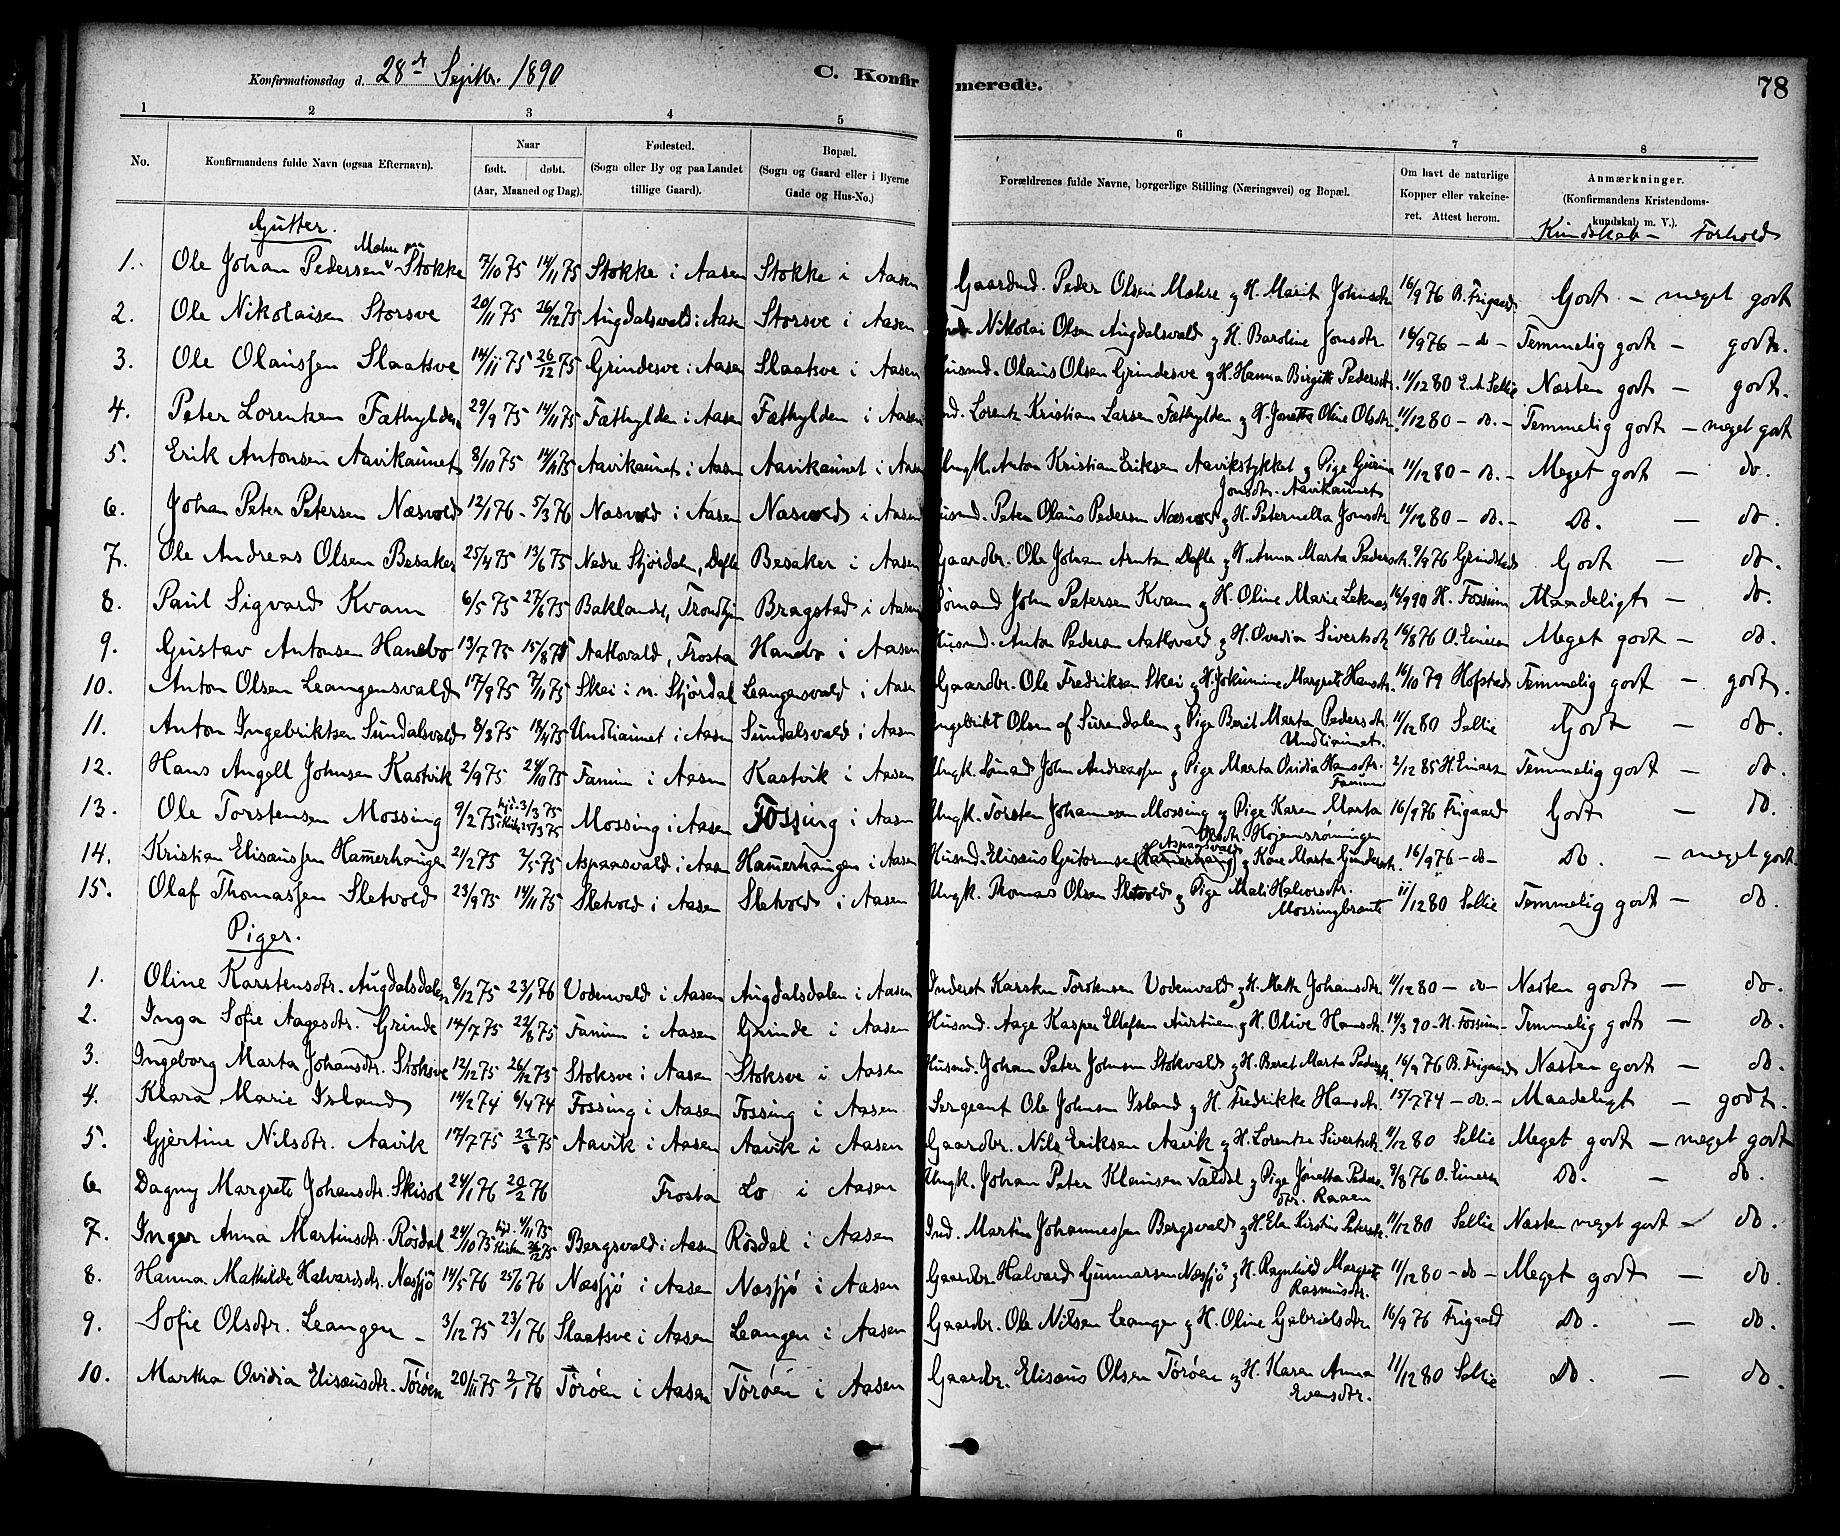 SAT, Ministerialprotokoller, klokkerbøker og fødselsregistre - Nord-Trøndelag, 714/L0130: Ministerialbok nr. 714A01, 1878-1895, s. 78